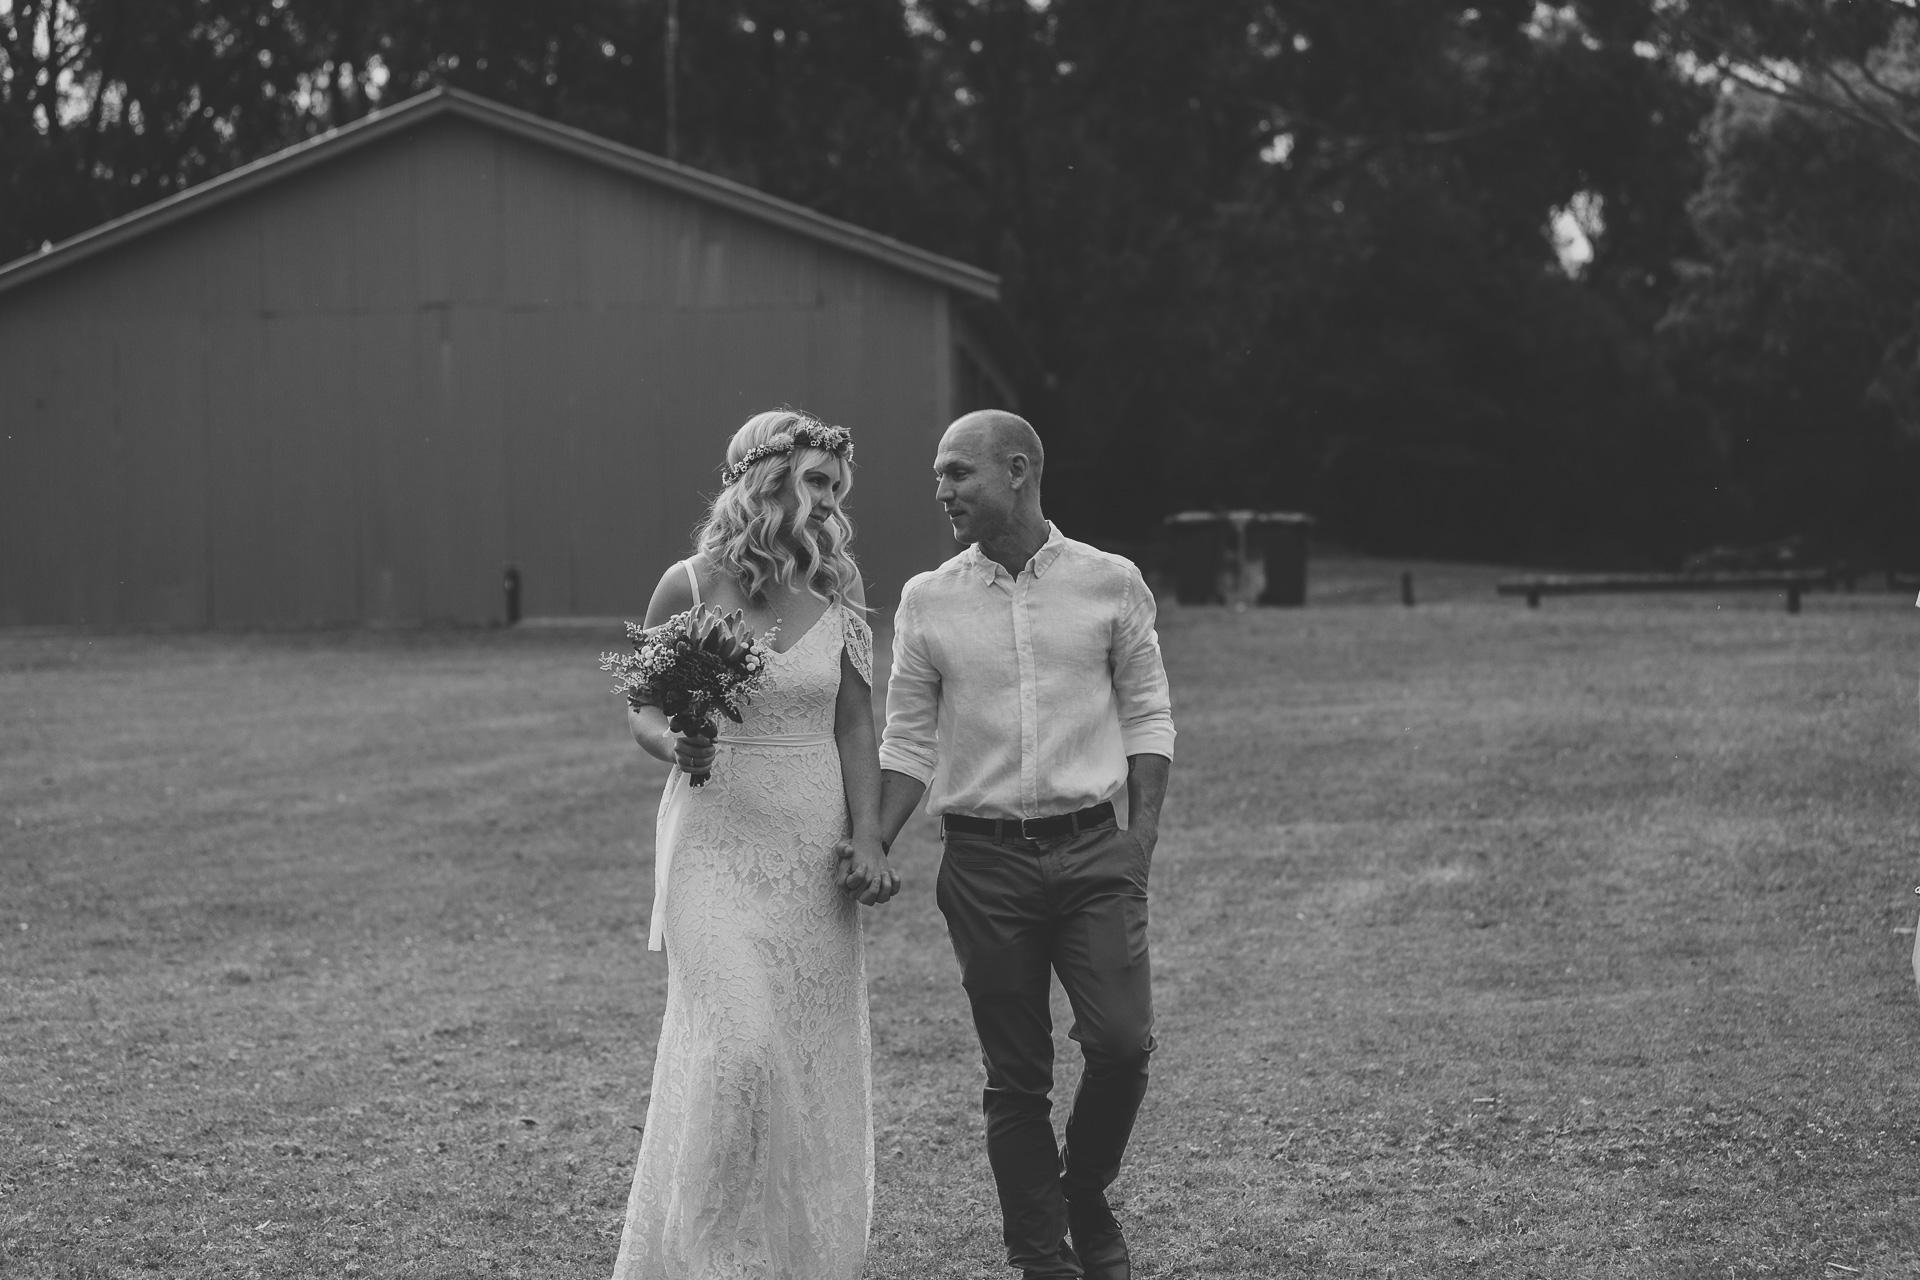 20161125 - Sublime+Point+Wedding+Beth+Ian | 031.jpg